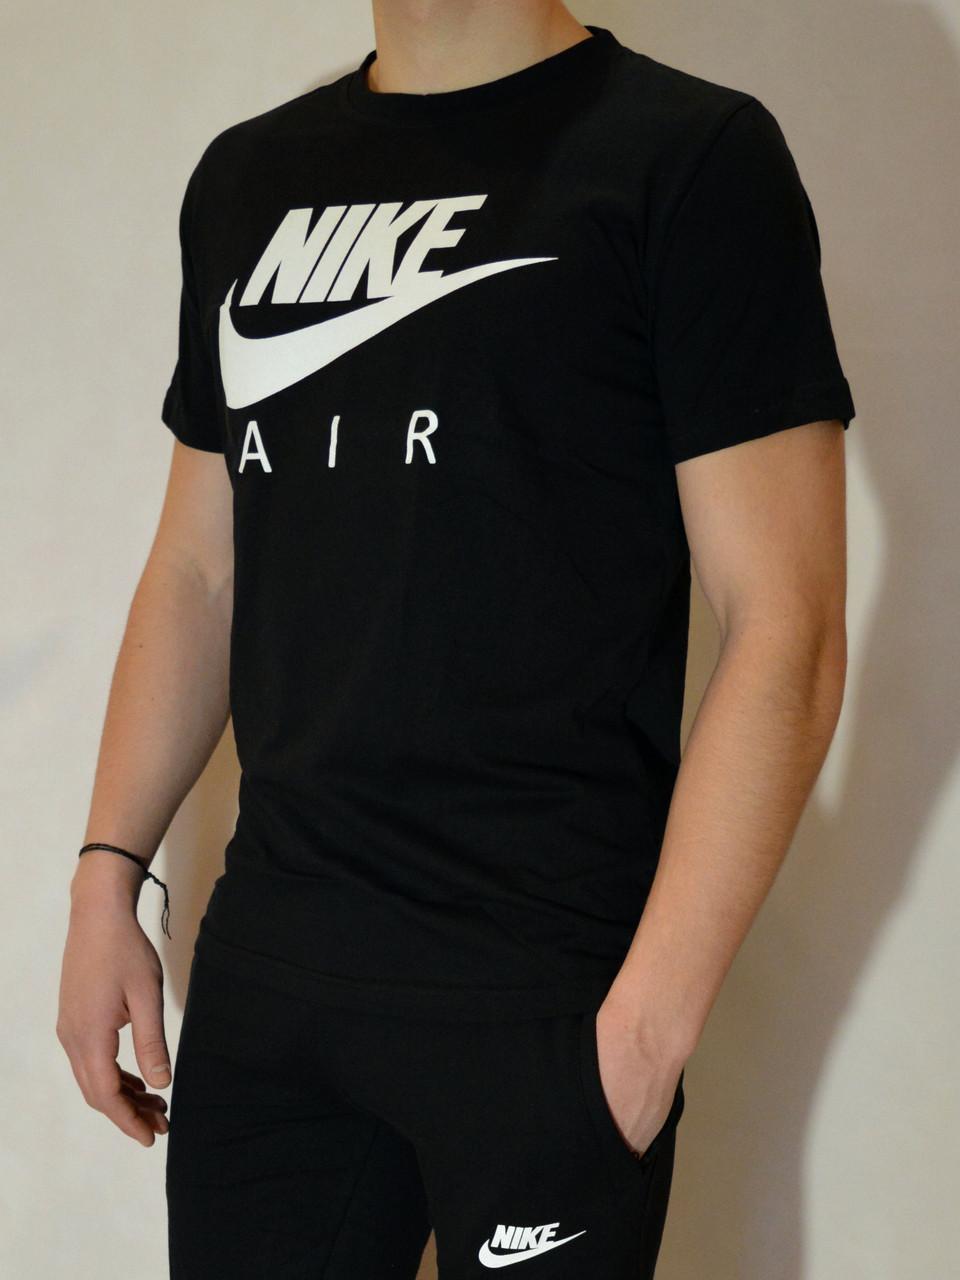 e606eae4d822b Чёрная мужская футболка Nike (Найк) AIR   100 % хлопок, размеры: 44 ...